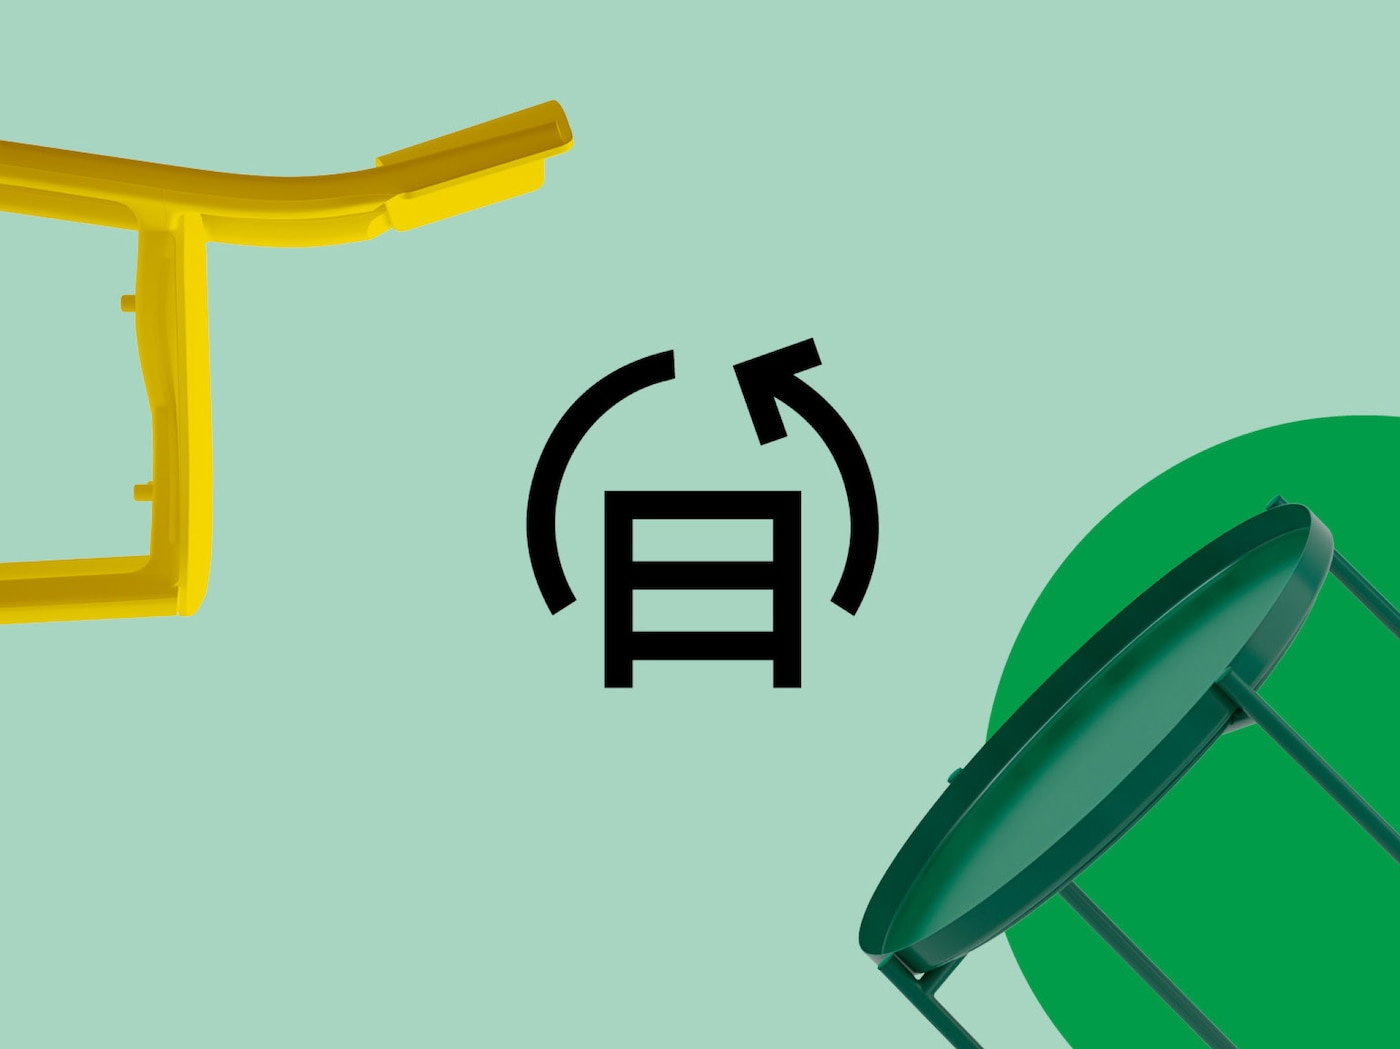 """Mobili che sembrano sospesi nell'aria, sullo sfondo di una parete verde, al cui centro c'è l'icona del servizio """"Dai una seconda vita ai tuoi mobili IKEA""""."""